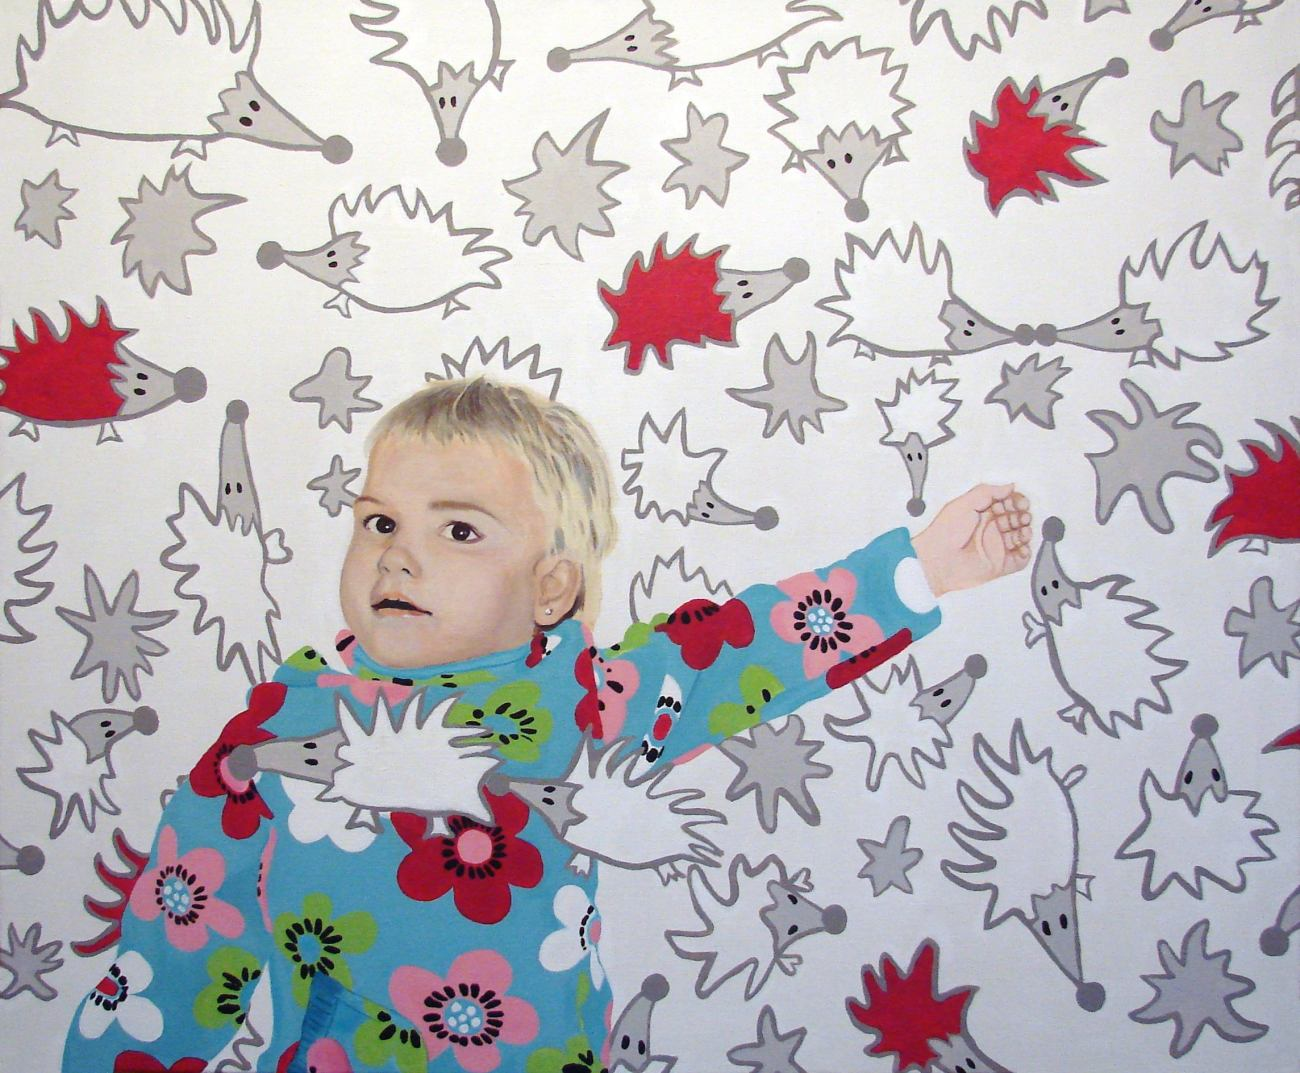 vánoční zakázka pro pana M.K., akryl na plátně, 100x120 cm, 2007